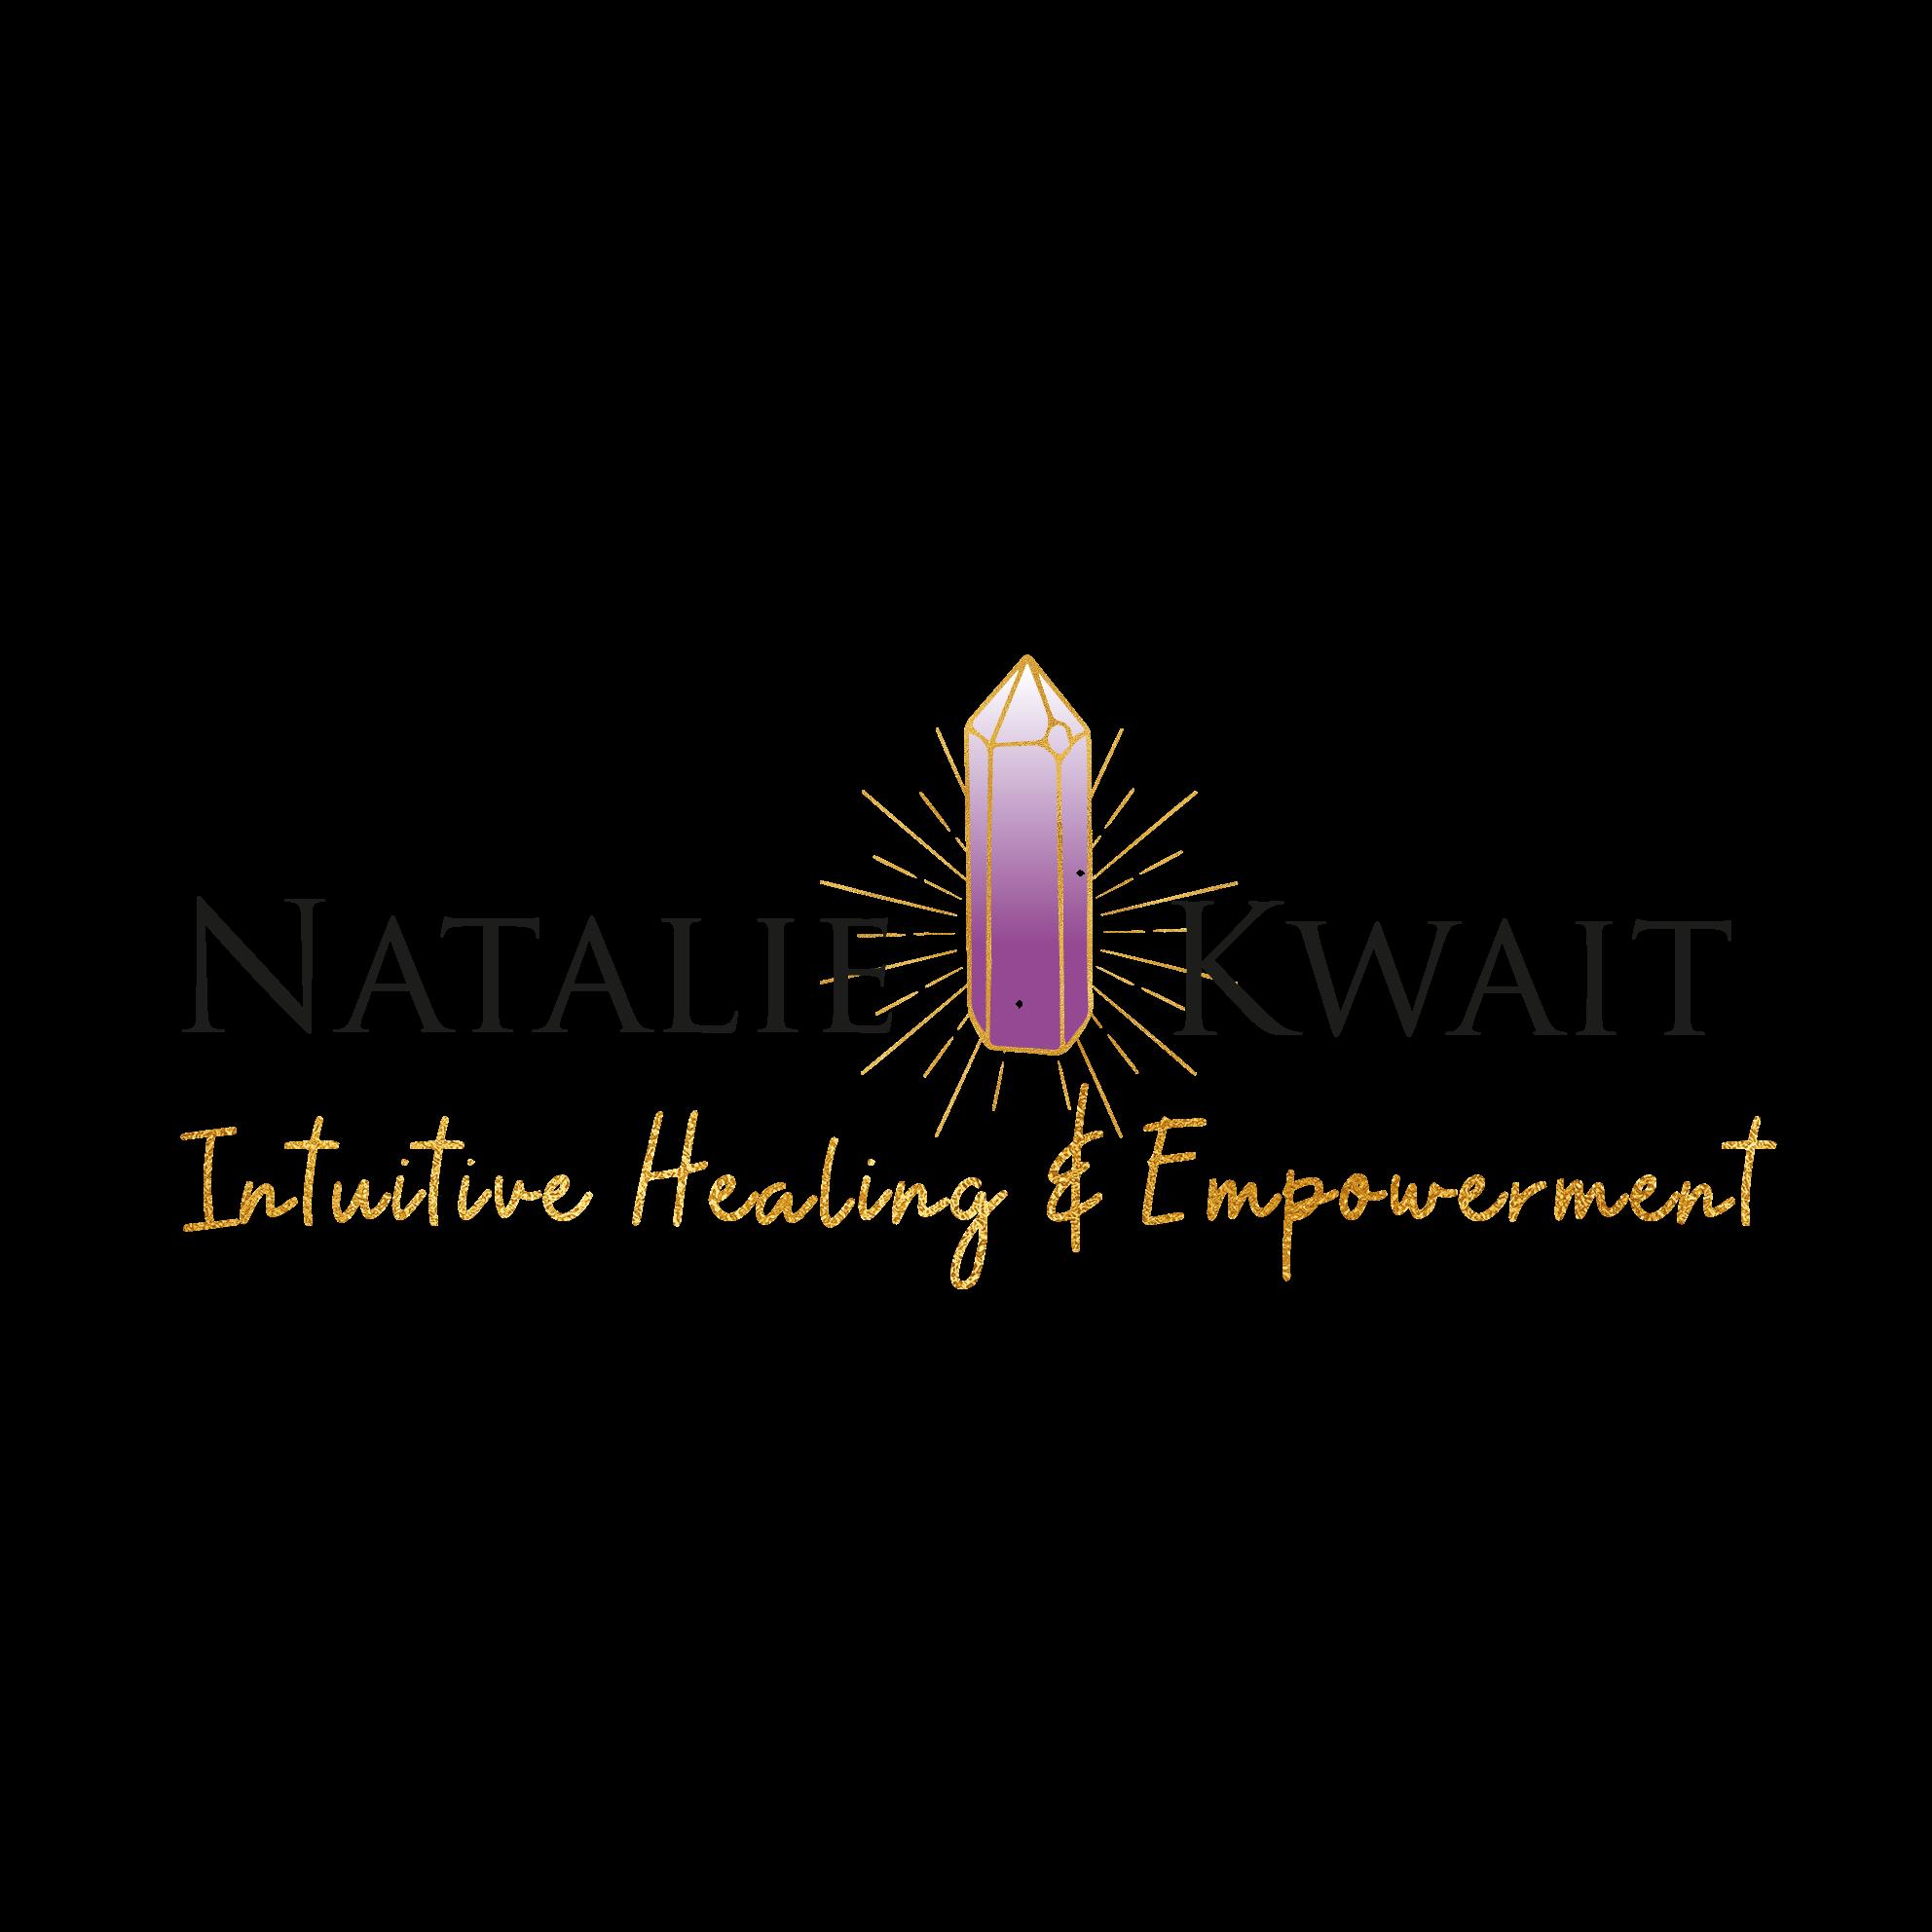 Natalie Kwait